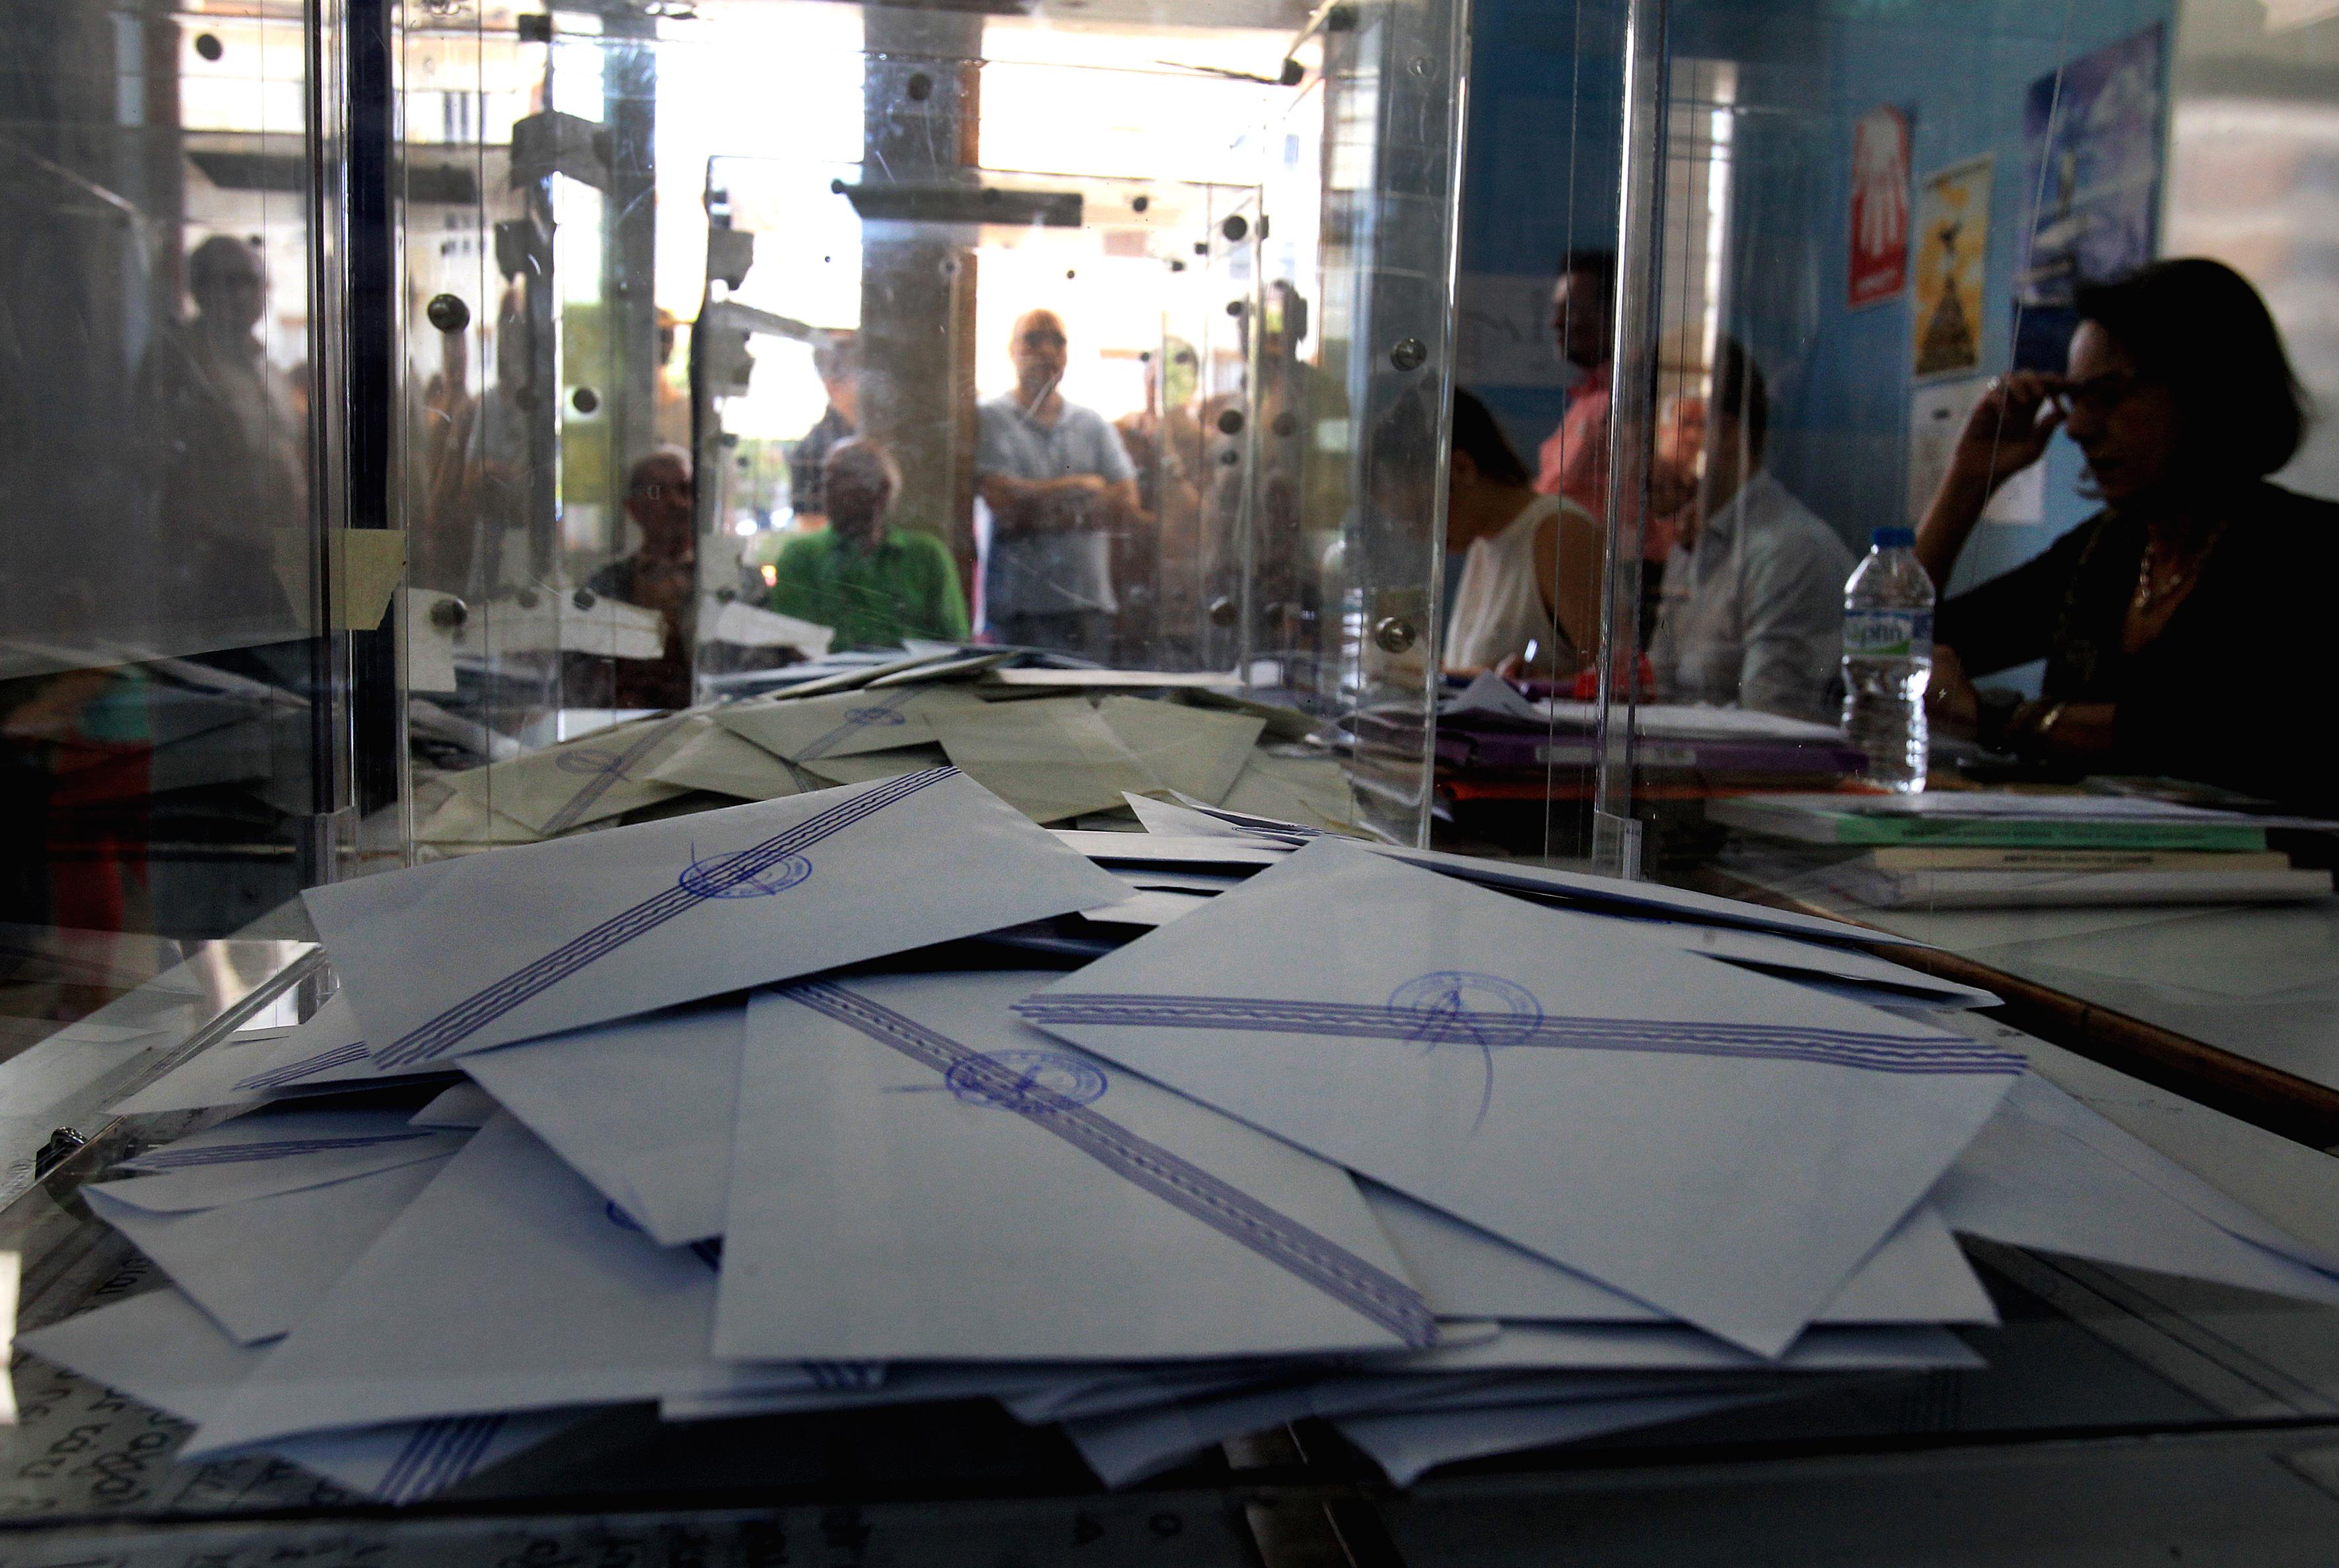 Επί ποδός το ΥΠΕΣ για την διεξαγωγή των εθνικών εκλογών   tovima.gr